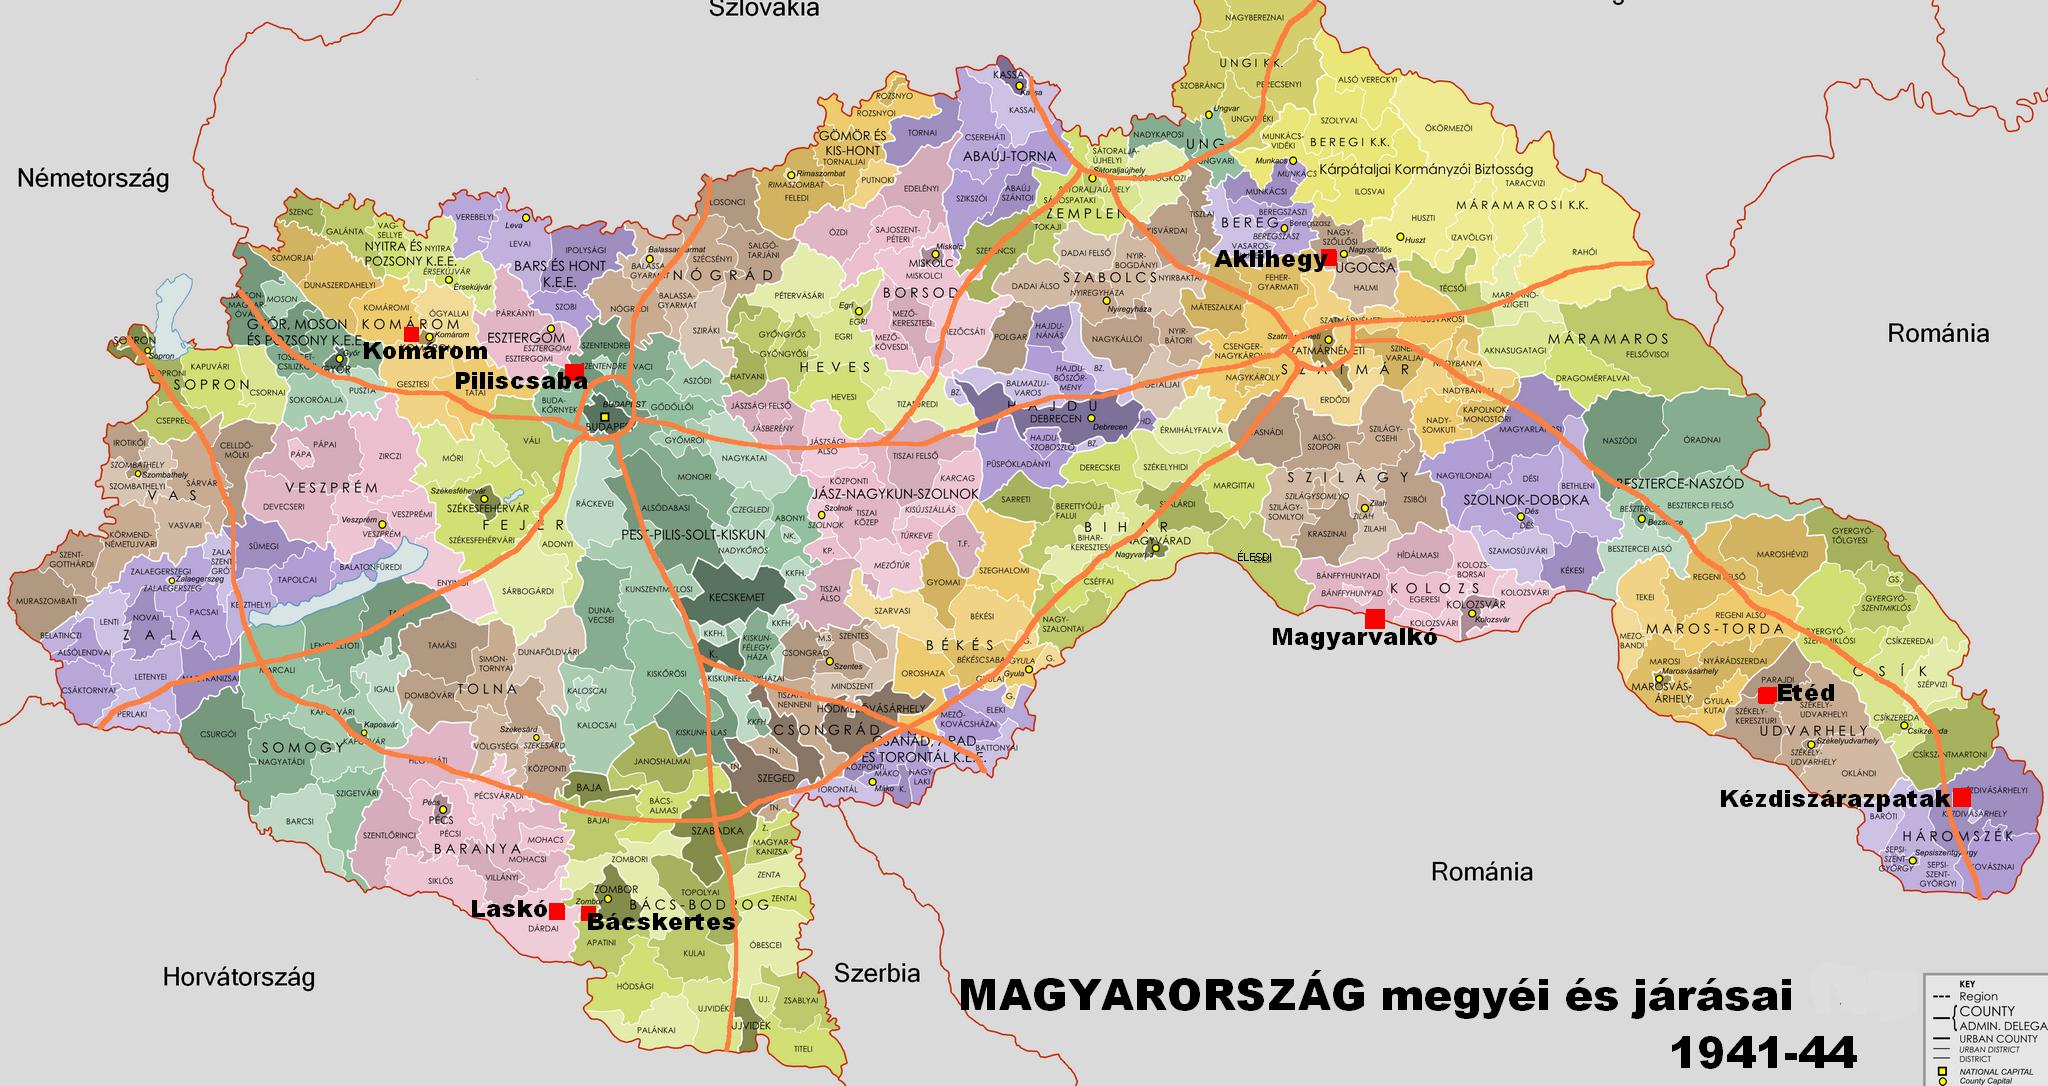 magyarország térkép 1940 Kézdiszárazpatak magyarország térkép 1940